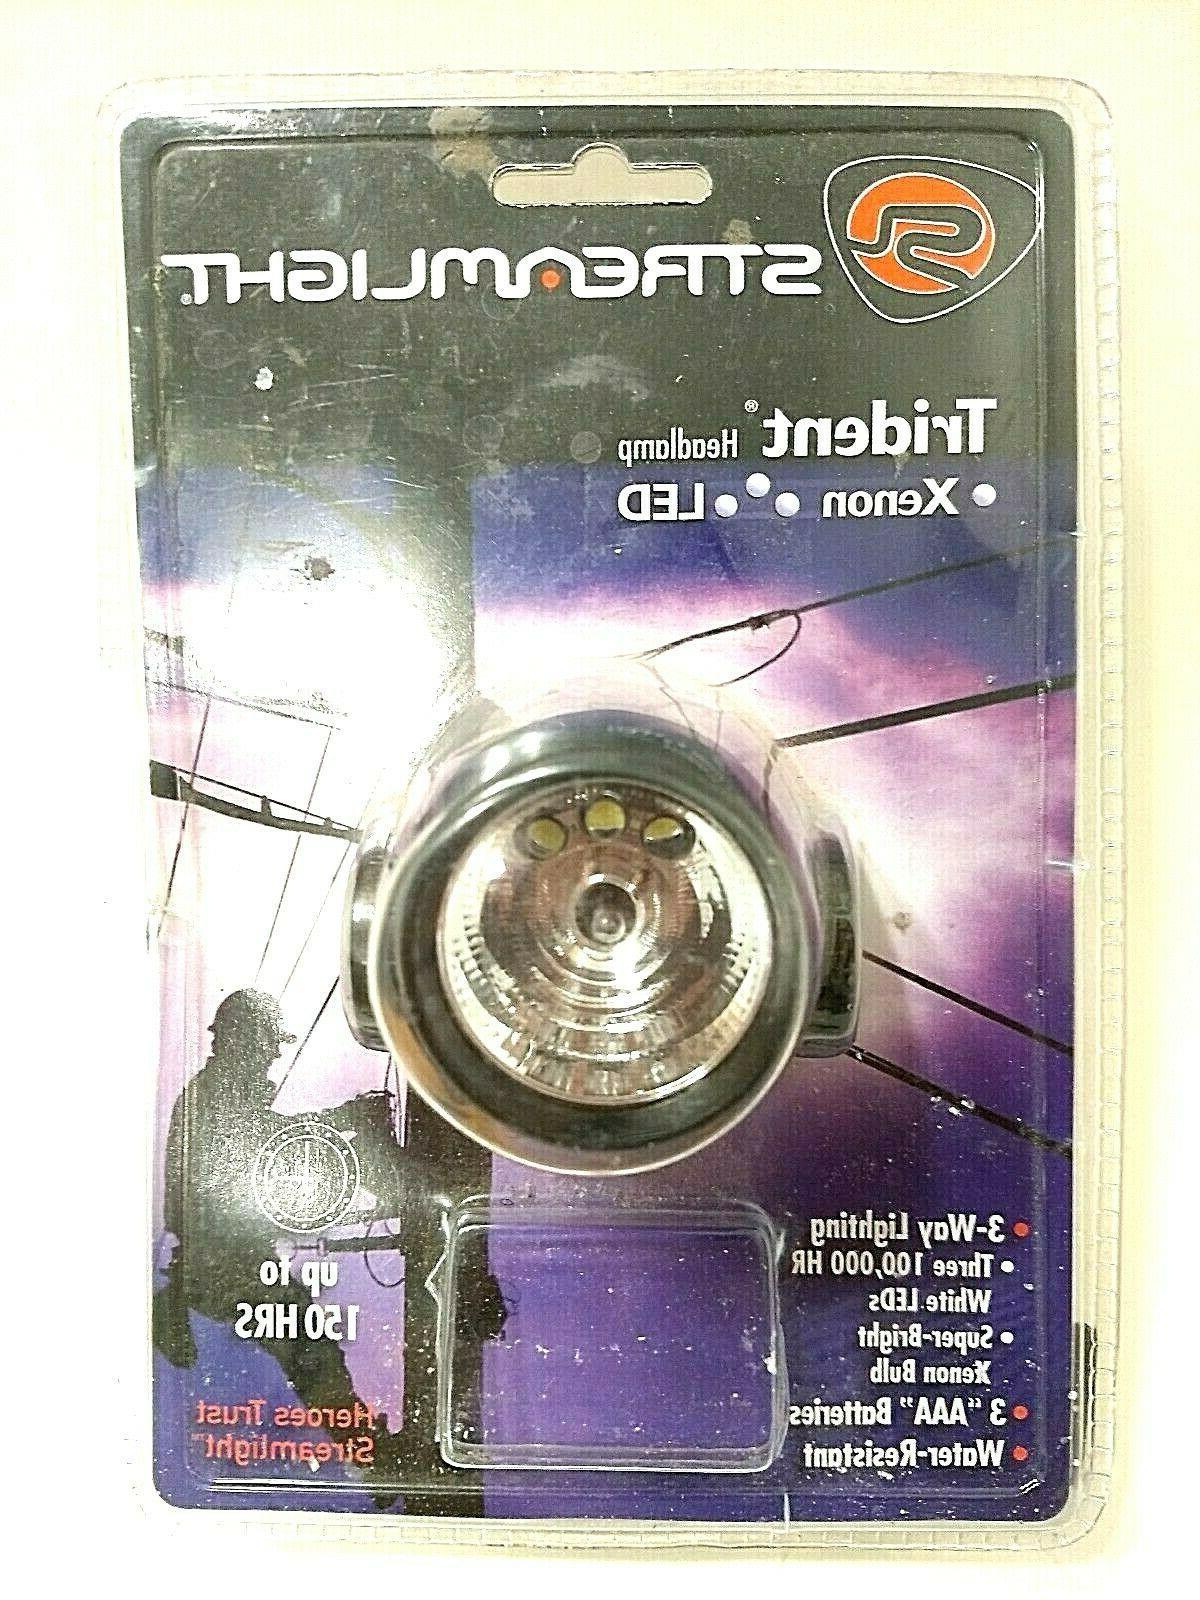 trident headlamp 3 white led s super